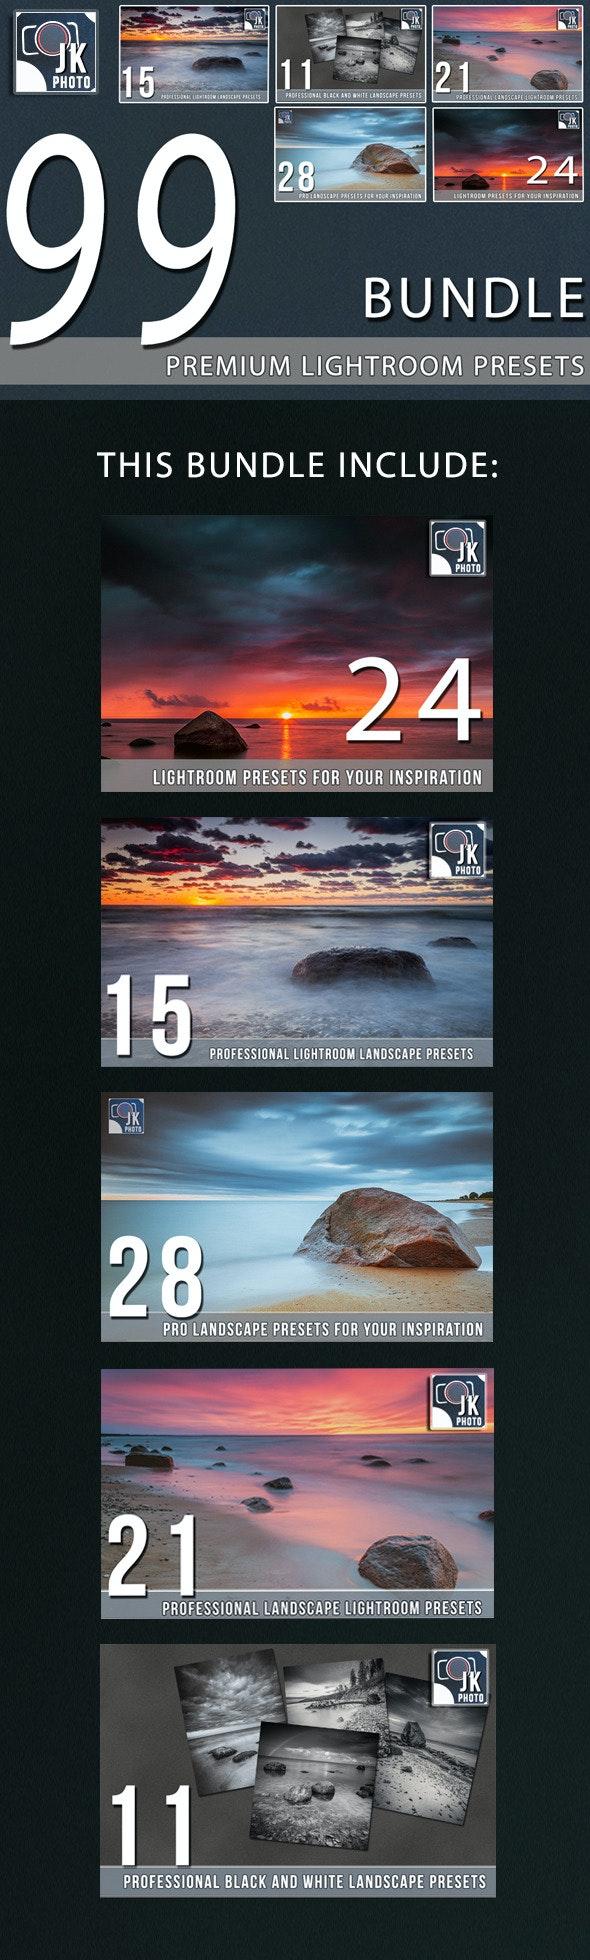 99 Premium LightRoom Presets Bundle - Landscape Lightroom Presets